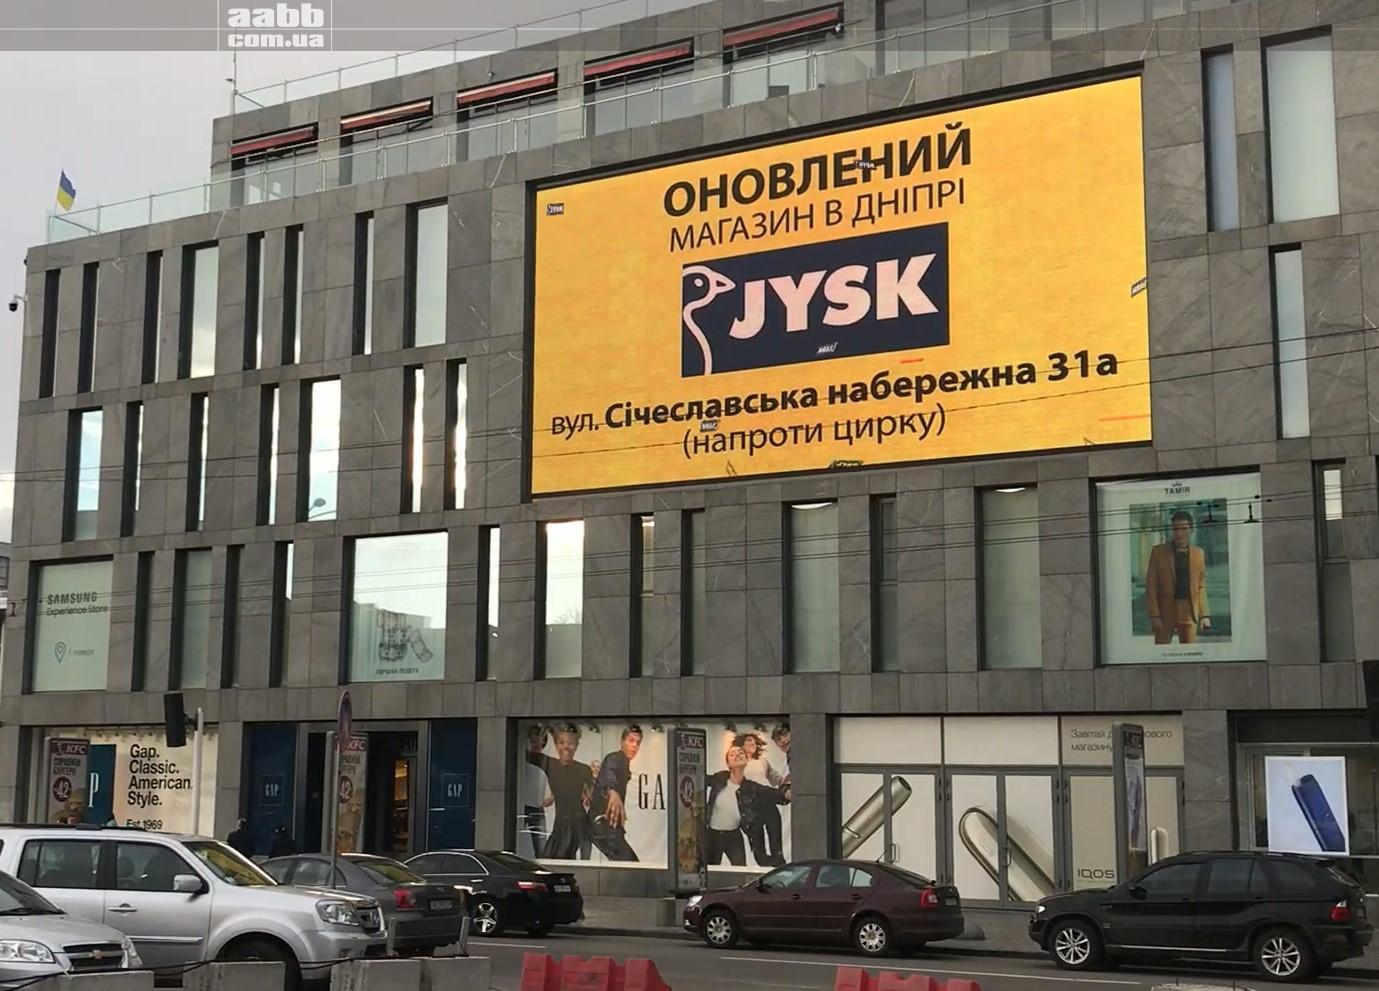 Реклама в місті Дніпро, ТЦ Passage (березень 2019)